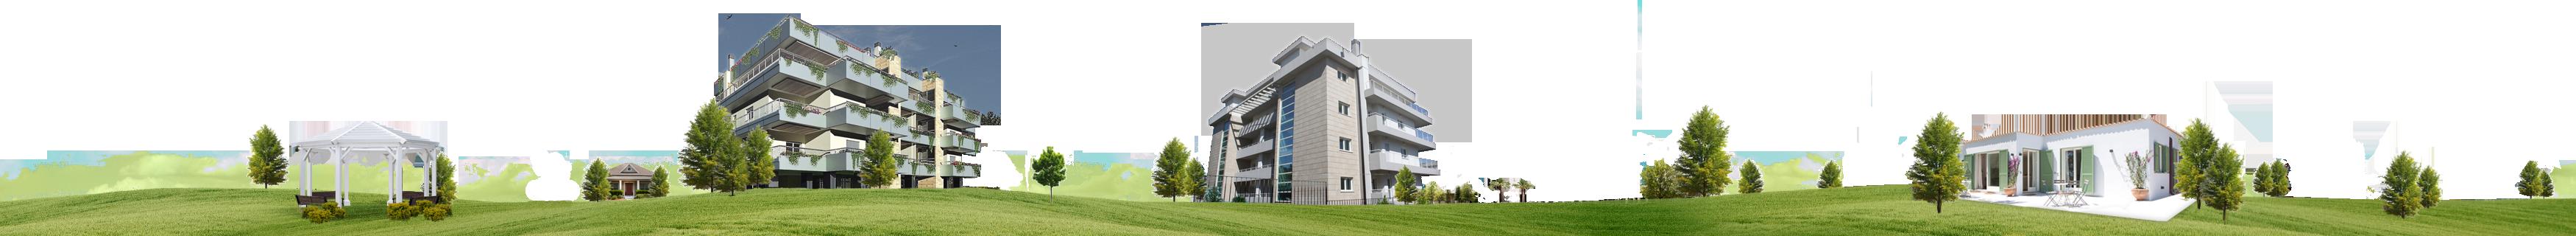 De angelis nuovi stabili iniziative immobiliari d 39 avanguardia for Nuovi prestiti immobiliari